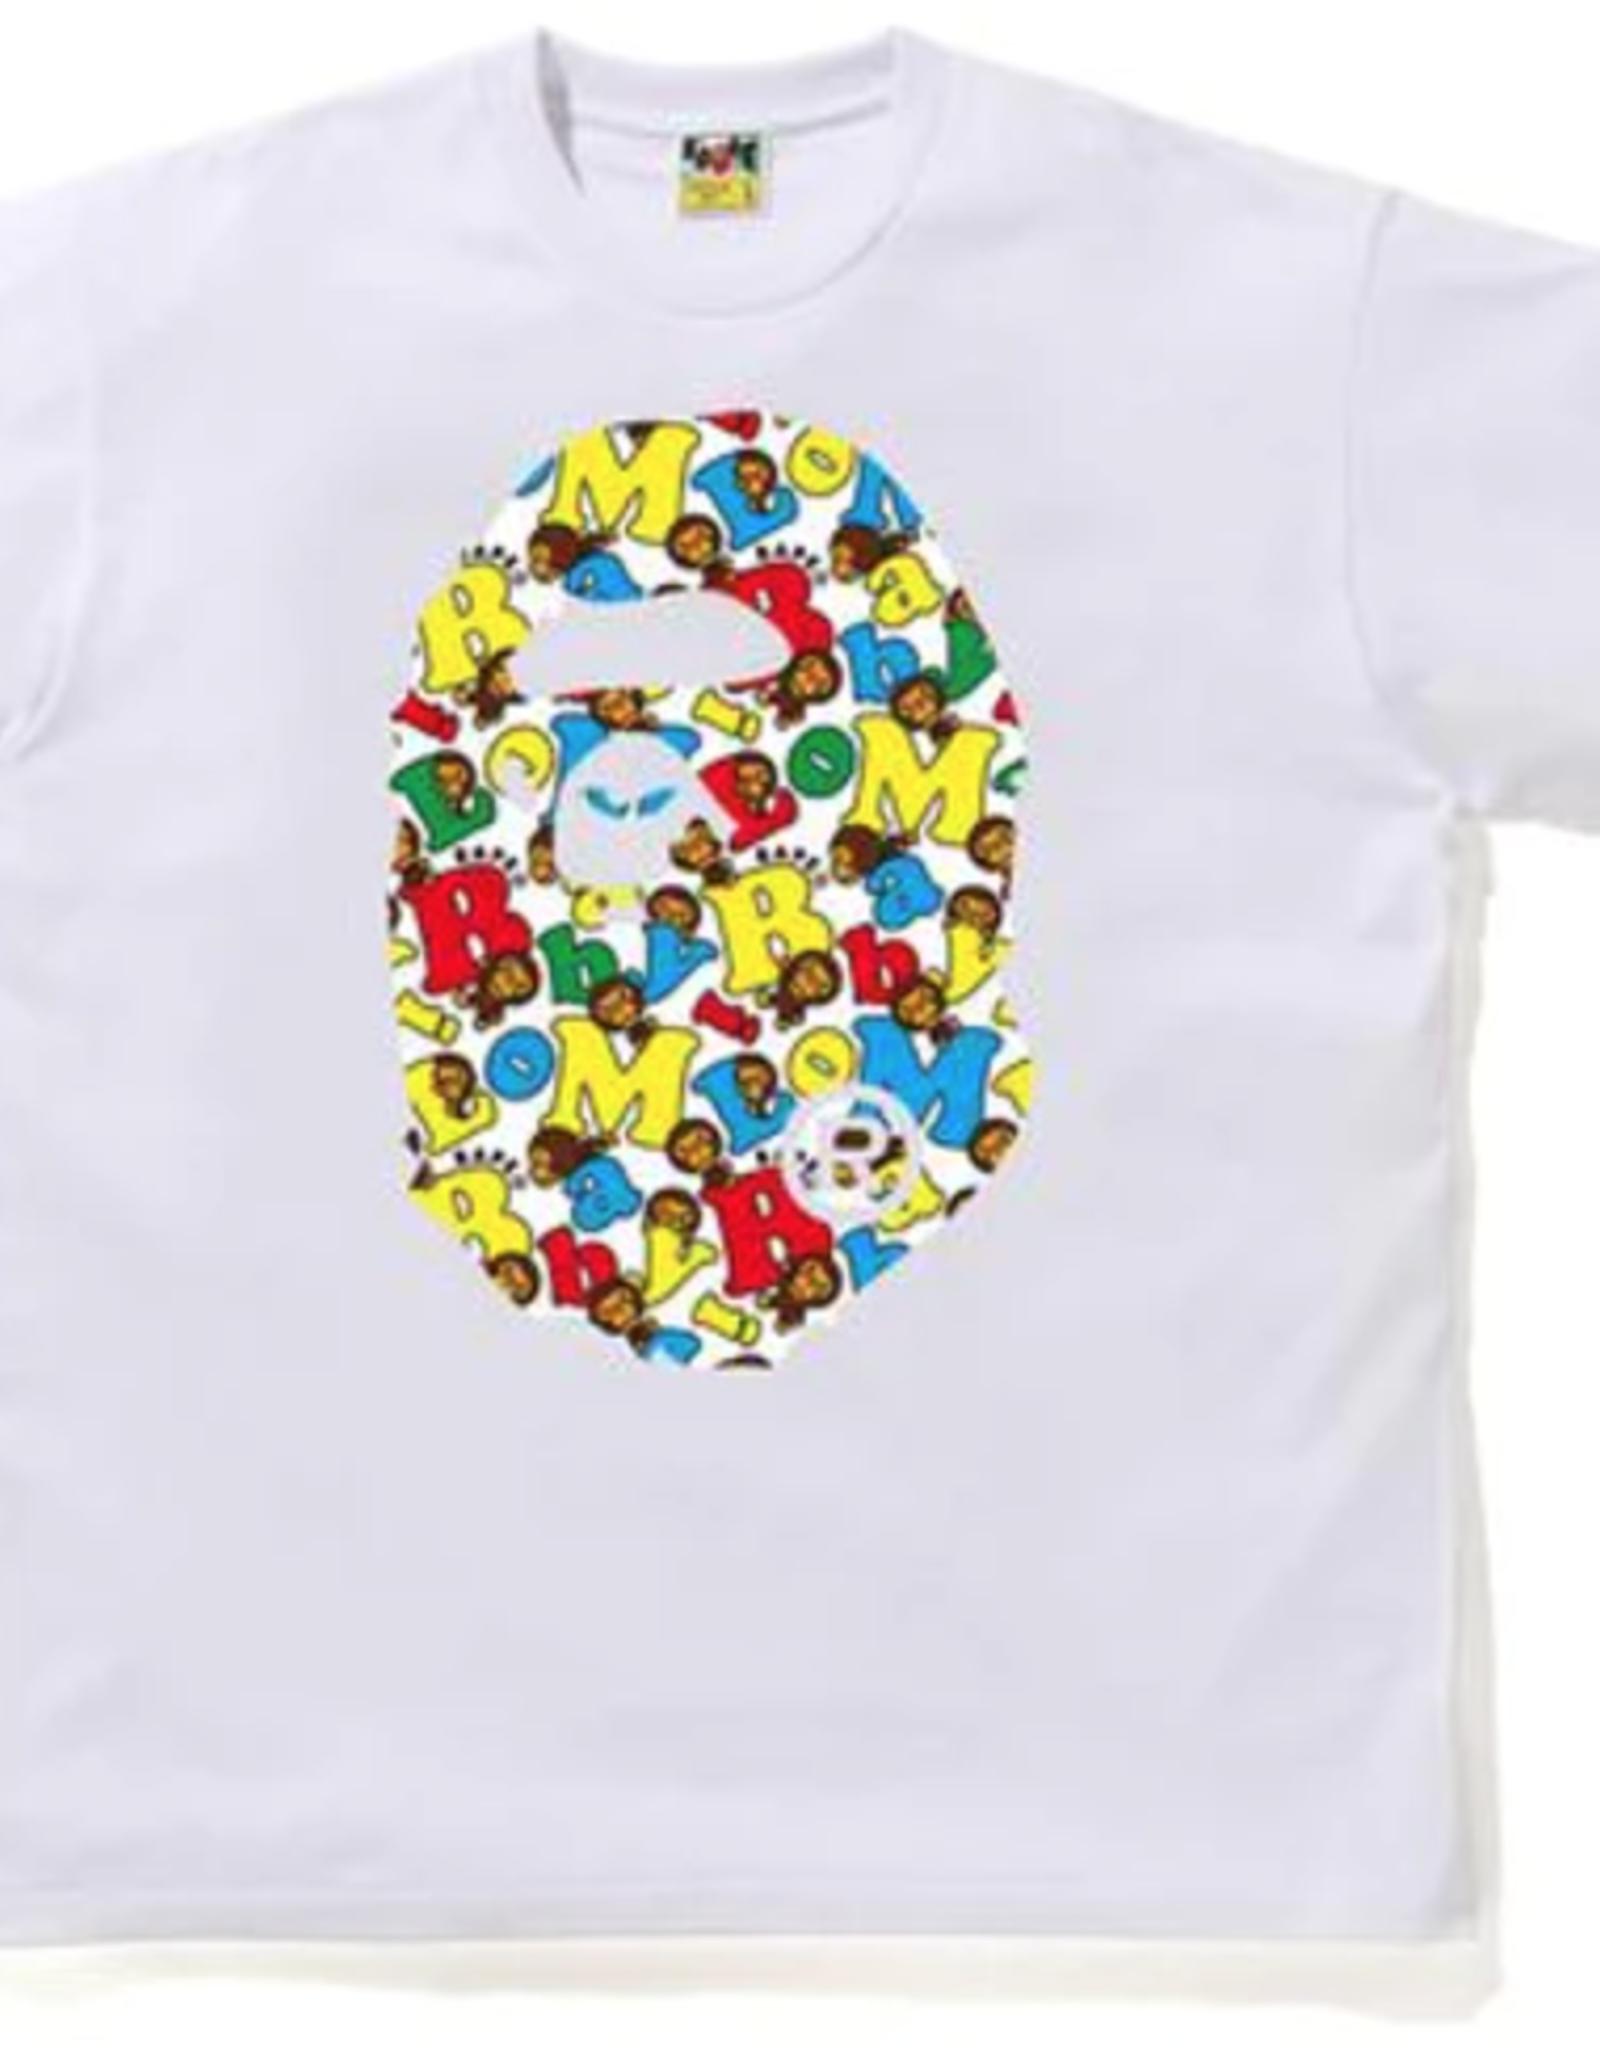 BAPE BAPE Baby Milo Alphabet Ape Head Relaxed Tee White - XL